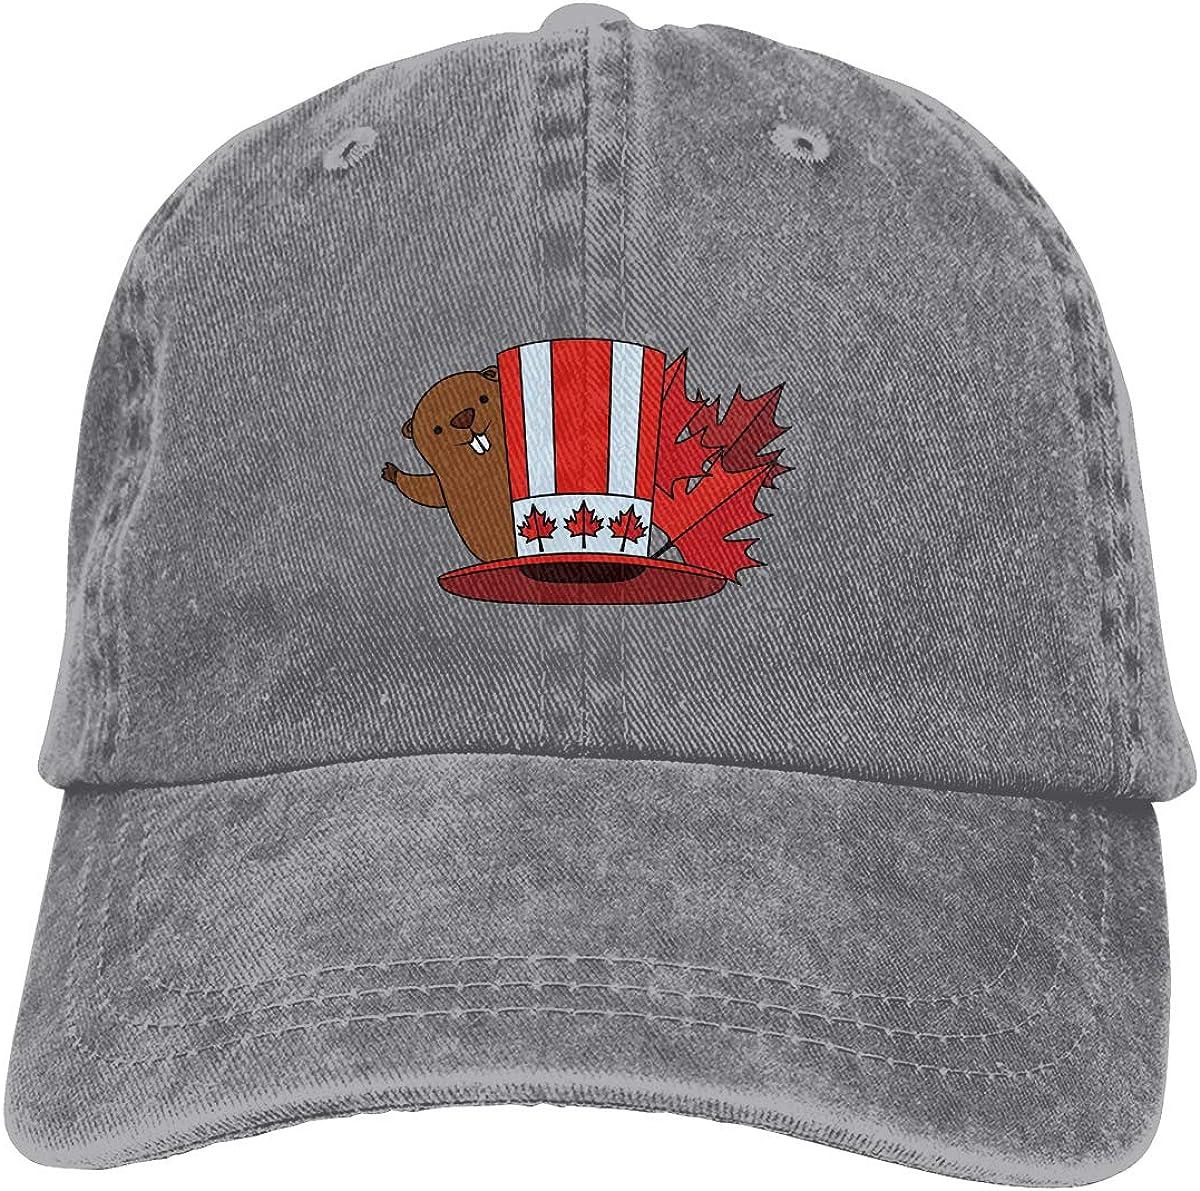 Men Women Canadian Beaver Vintage Washed Dad Hat Funny Adjustable Baseball Cap